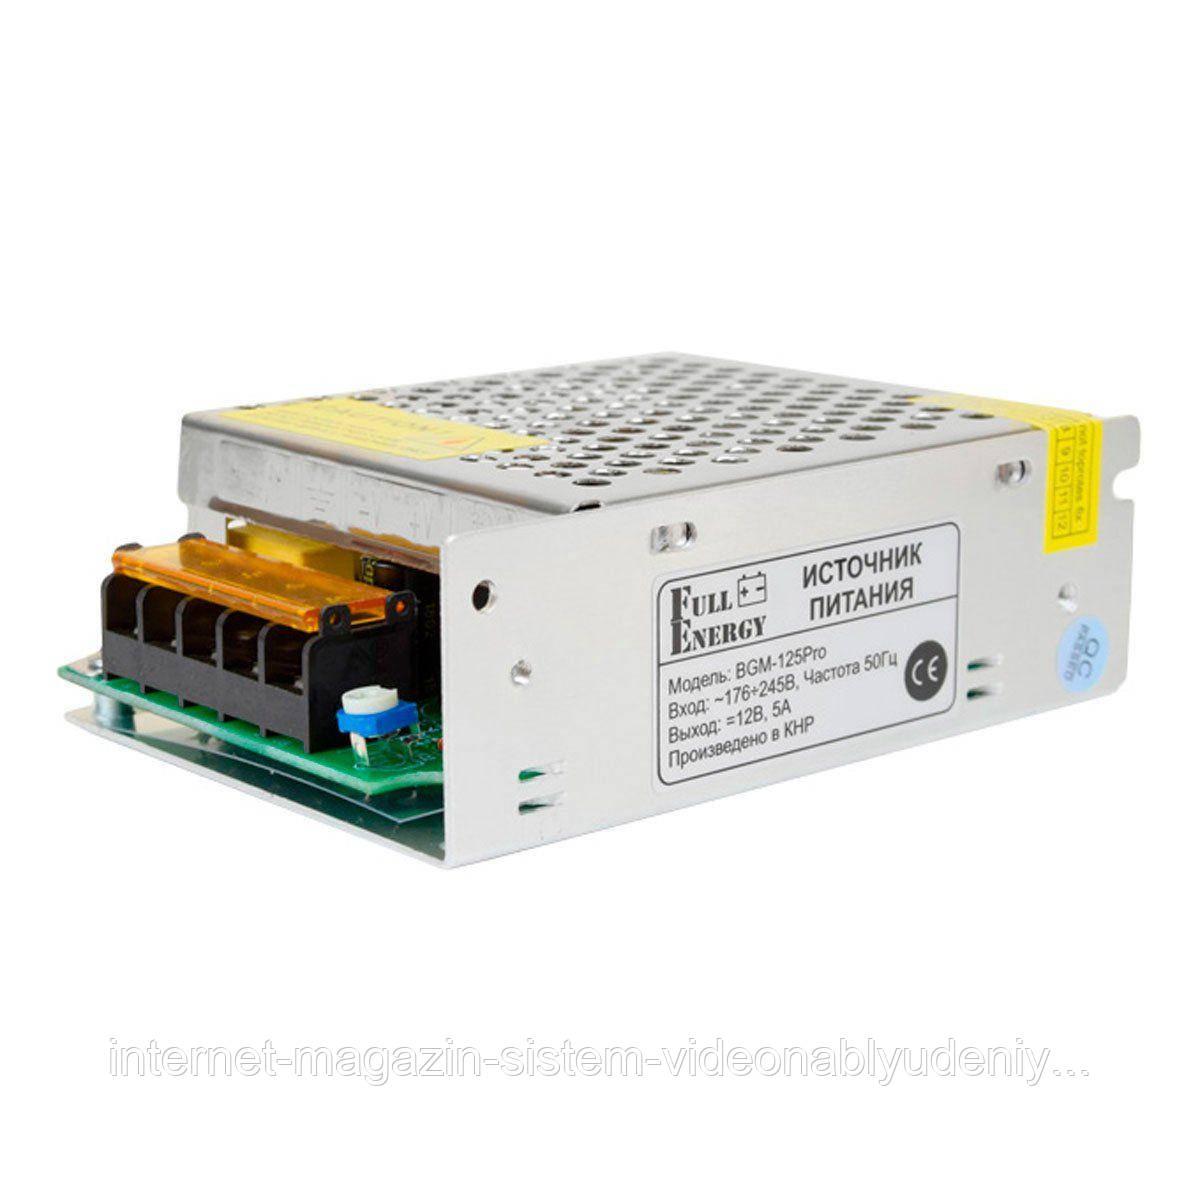 Блок питания импульсный Full Energy BGM-125Pro